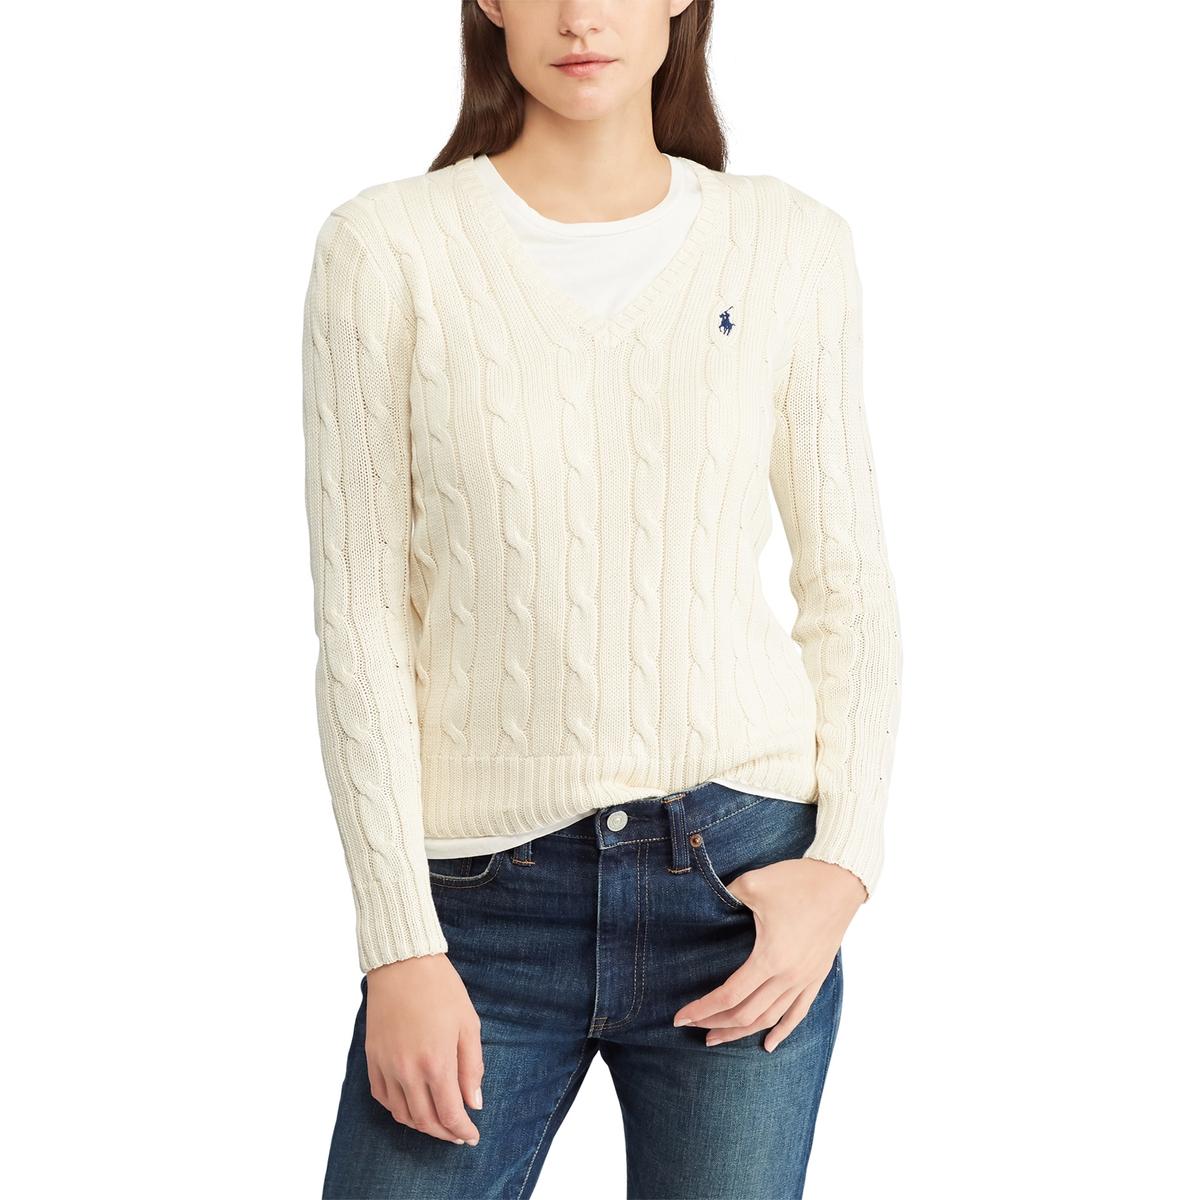 цена Пуловер La Redoute С v-образным вырезом из витого трикотажа L бежевый онлайн в 2017 году